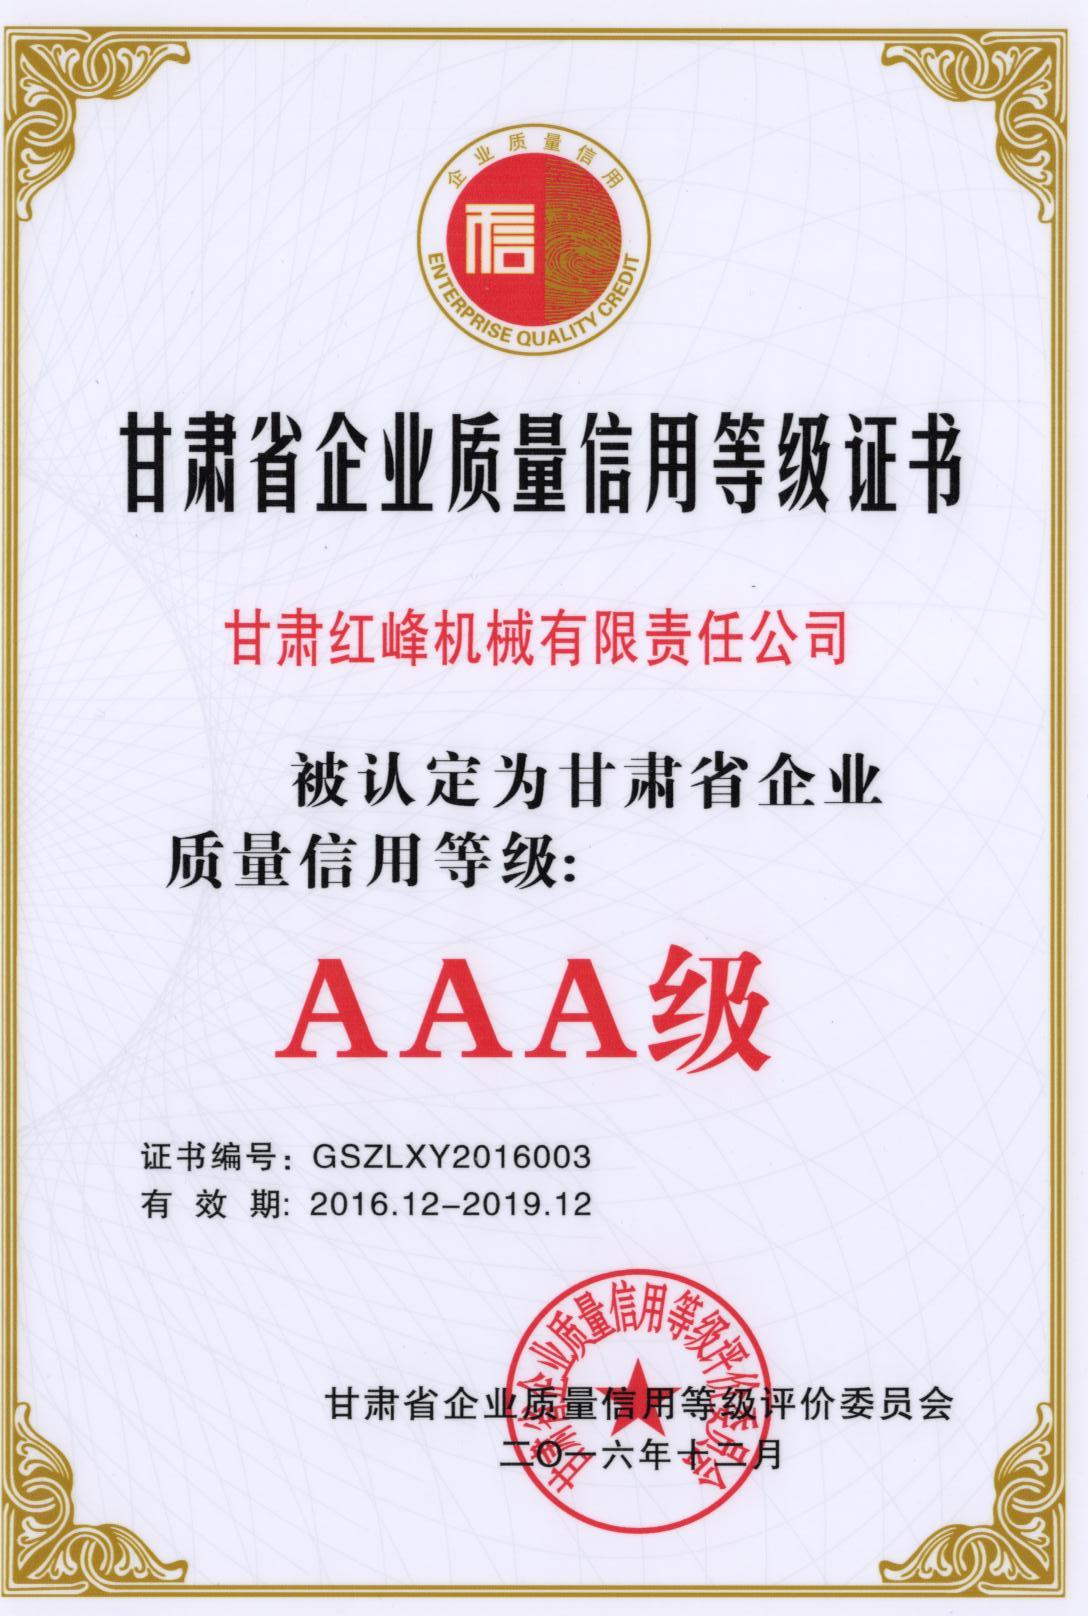 2016年甘肃省企业质量信用等级